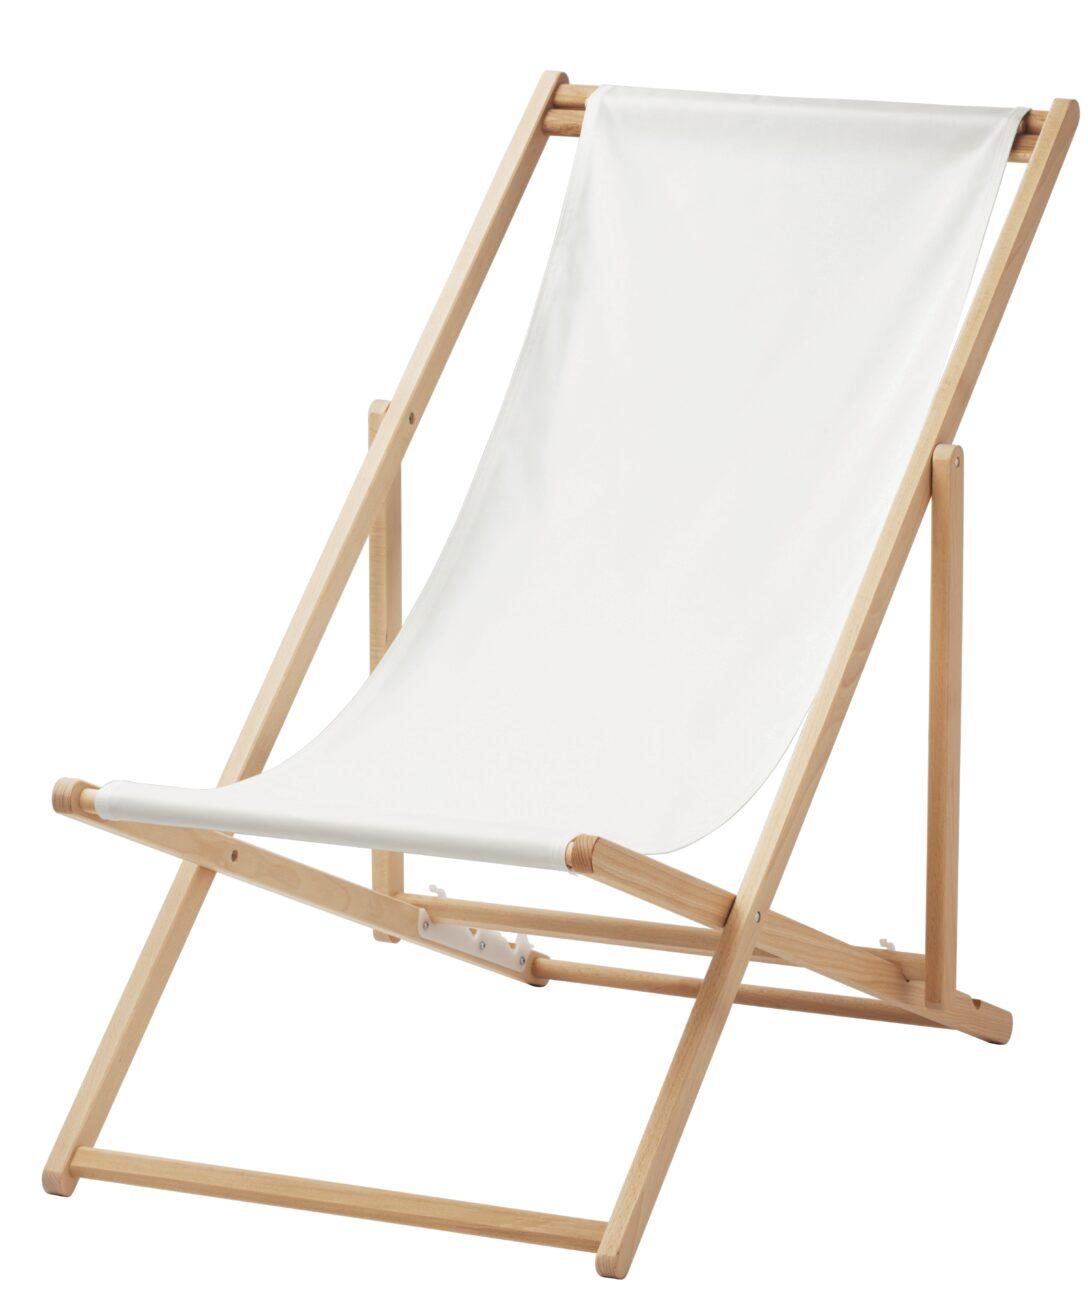 Large Size of Liegestuhl Klappbar Ikea Holz Sofa Mit Schlaffunktion Modulküche Küche Kosten Garten Betten 160x200 Bett Ausklappbar Ausklappbares Bei Kaufen Miniküche Wohnzimmer Liegestuhl Klappbar Ikea